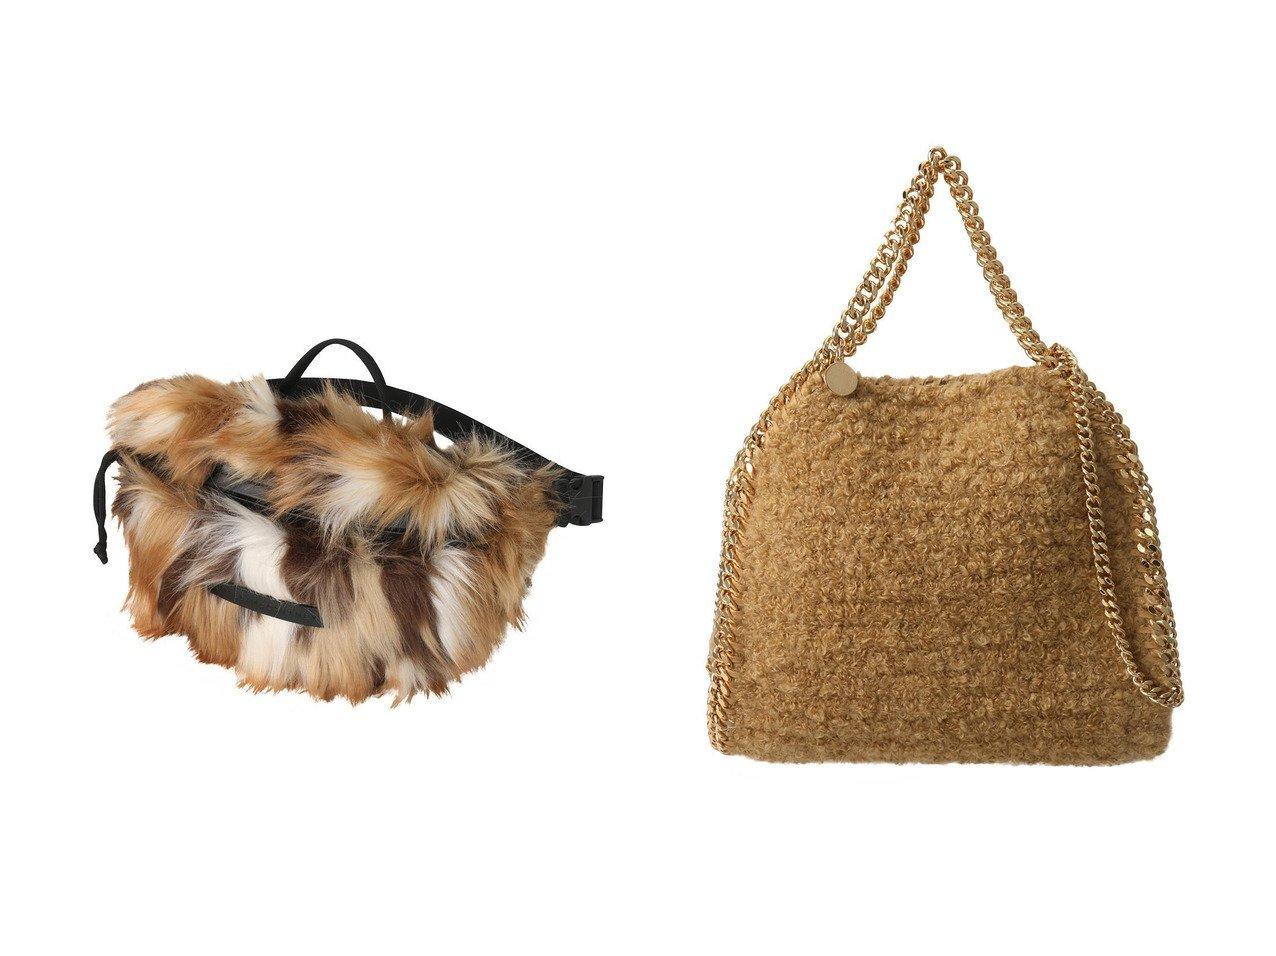 【STELLA McCARTNEY/ステラ マッカートニー】のFalabella Wintery 2wayミニトートバッグ&Fur Free Fur パッチワークベルトバッグ 【バッグ・鞄】おすすめ!人気、トレンド・レディースファッションの通販 おすすめで人気の流行・トレンド、ファッションの通販商品 インテリア・家具・メンズファッション・キッズファッション・レディースファッション・服の通販 founy(ファニー) https://founy.com/ ファッション Fashion レディースファッション WOMEN バッグ Bag ベルト Belts ポーチ Pouches A/W・秋冬 AW・Autumn/Winter・FW・Fall-Winter ハンドバッグ ファブリック ポケット モコモコ フェイクファー ラップ  ID:crp329100000071417